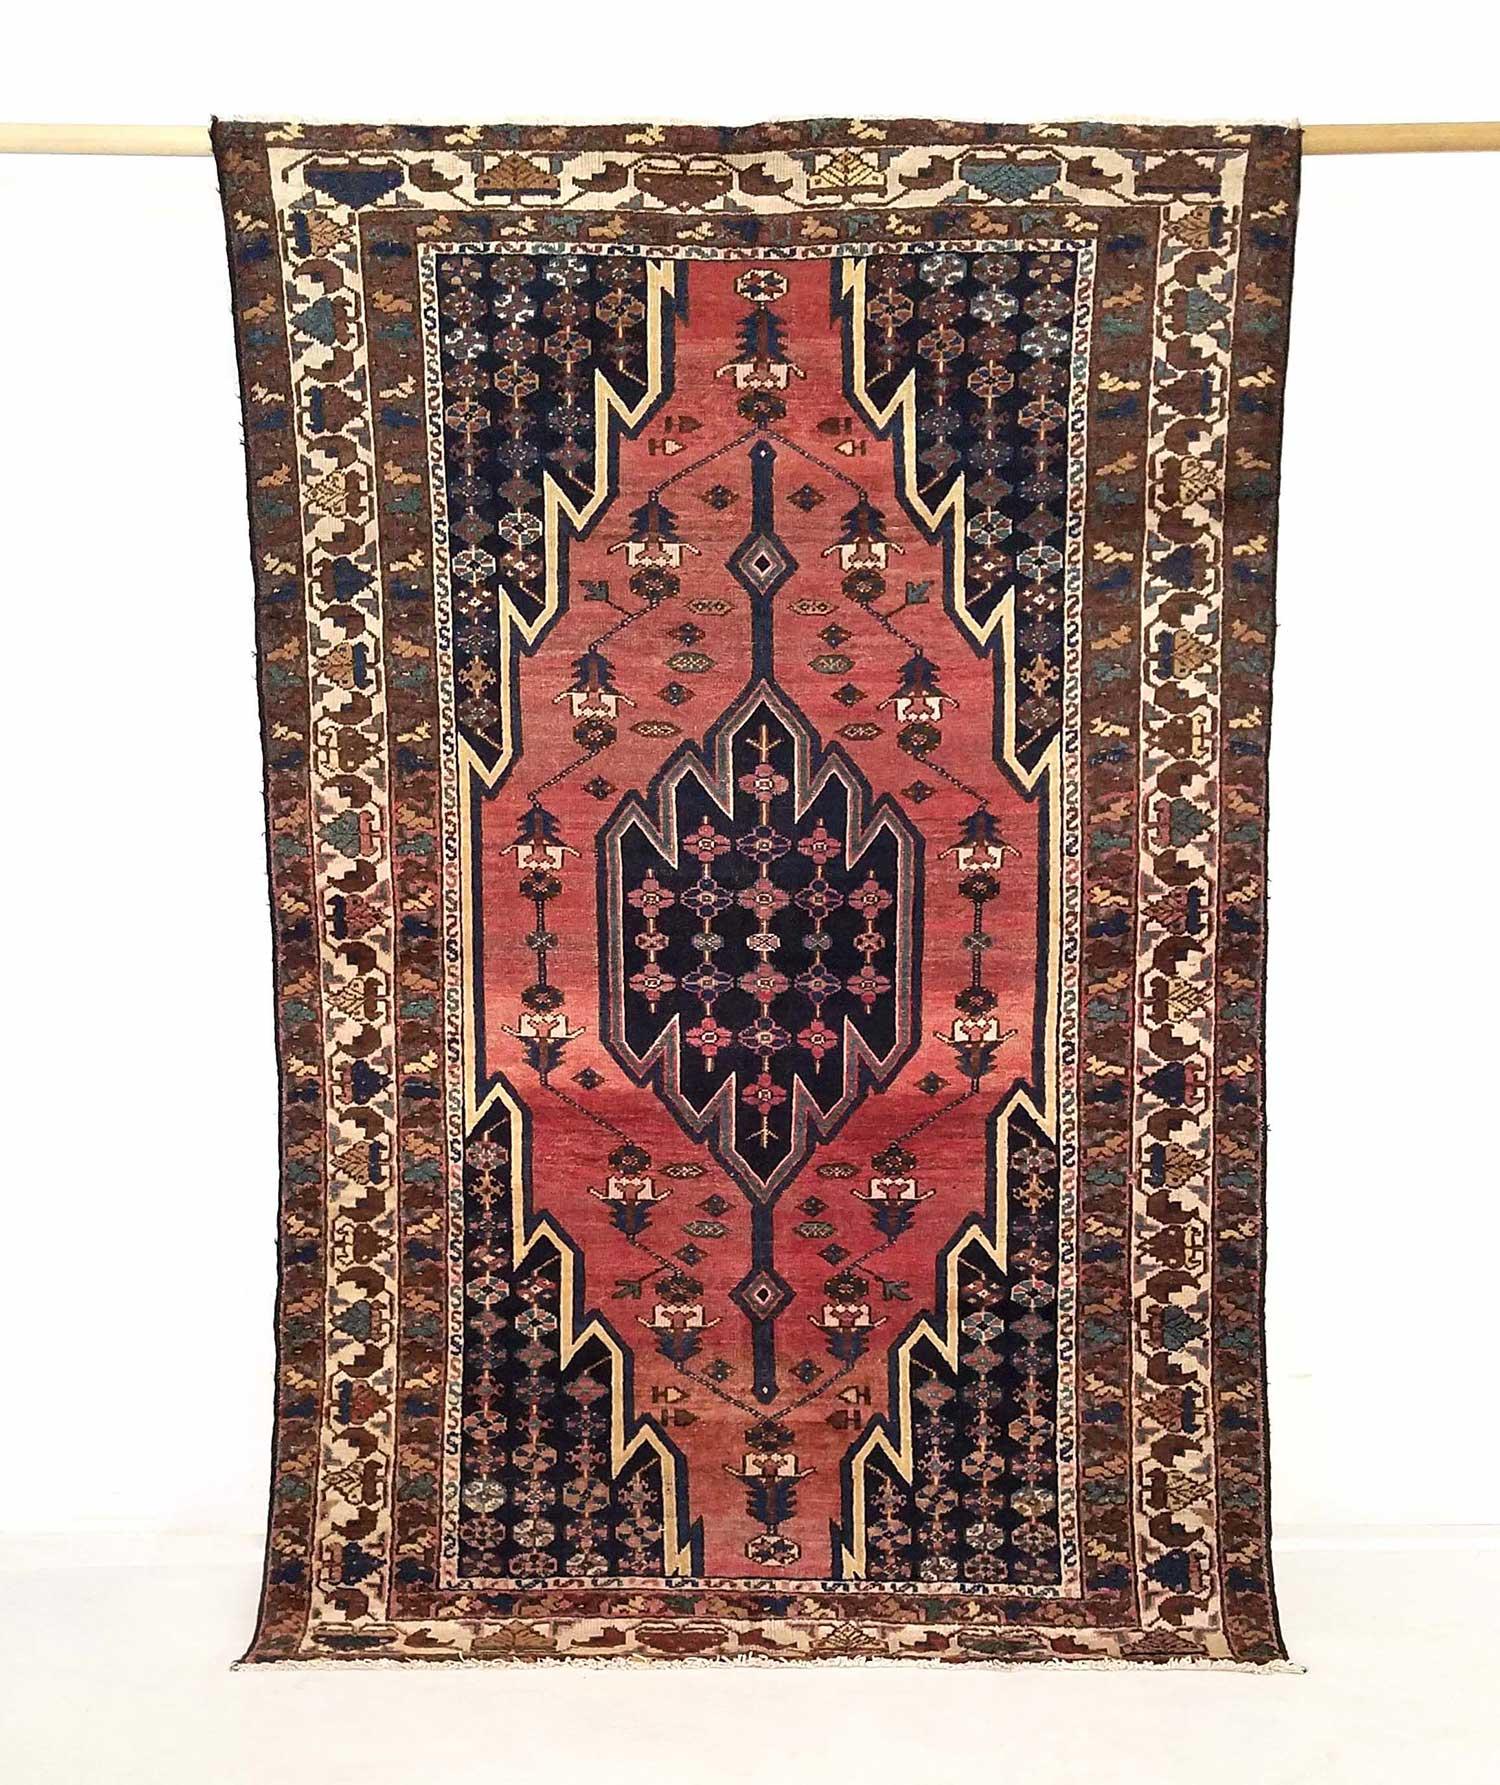 NO. 0093 /  PERSIAN (HEMEDAN) / 95 YEARS / 6'7 x 4'3 FT